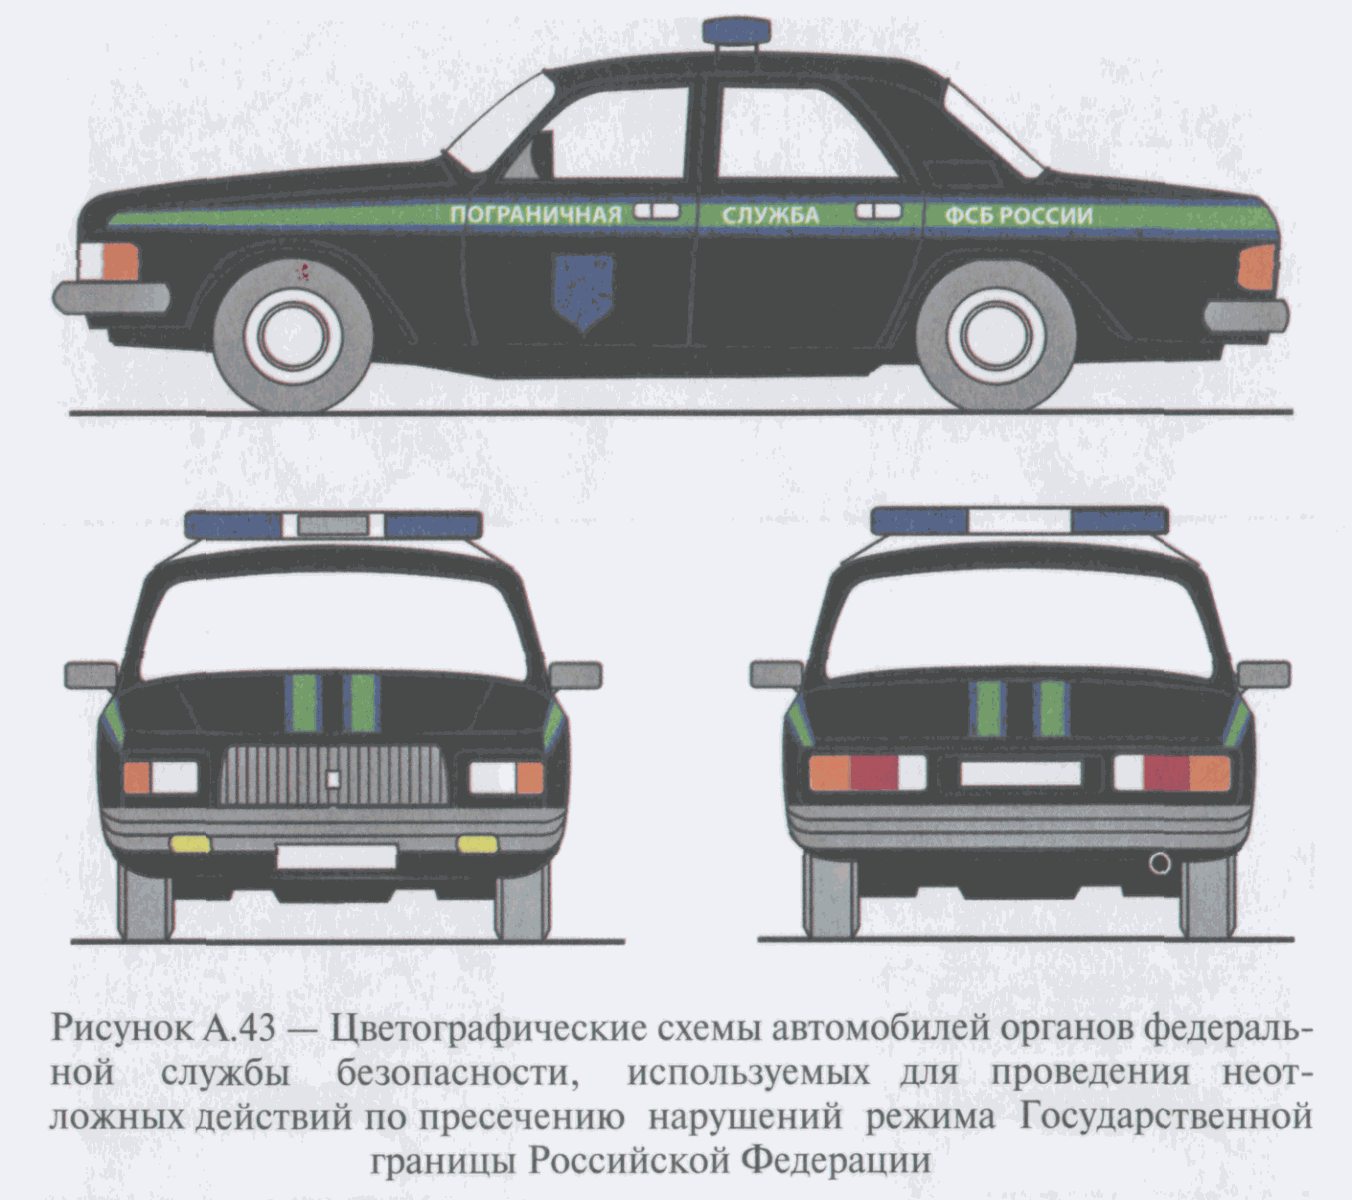 РИСУНОК A.43 (К ИЗМЕНЕНИЮ N 2 ГОСТ Р 50574-2002)